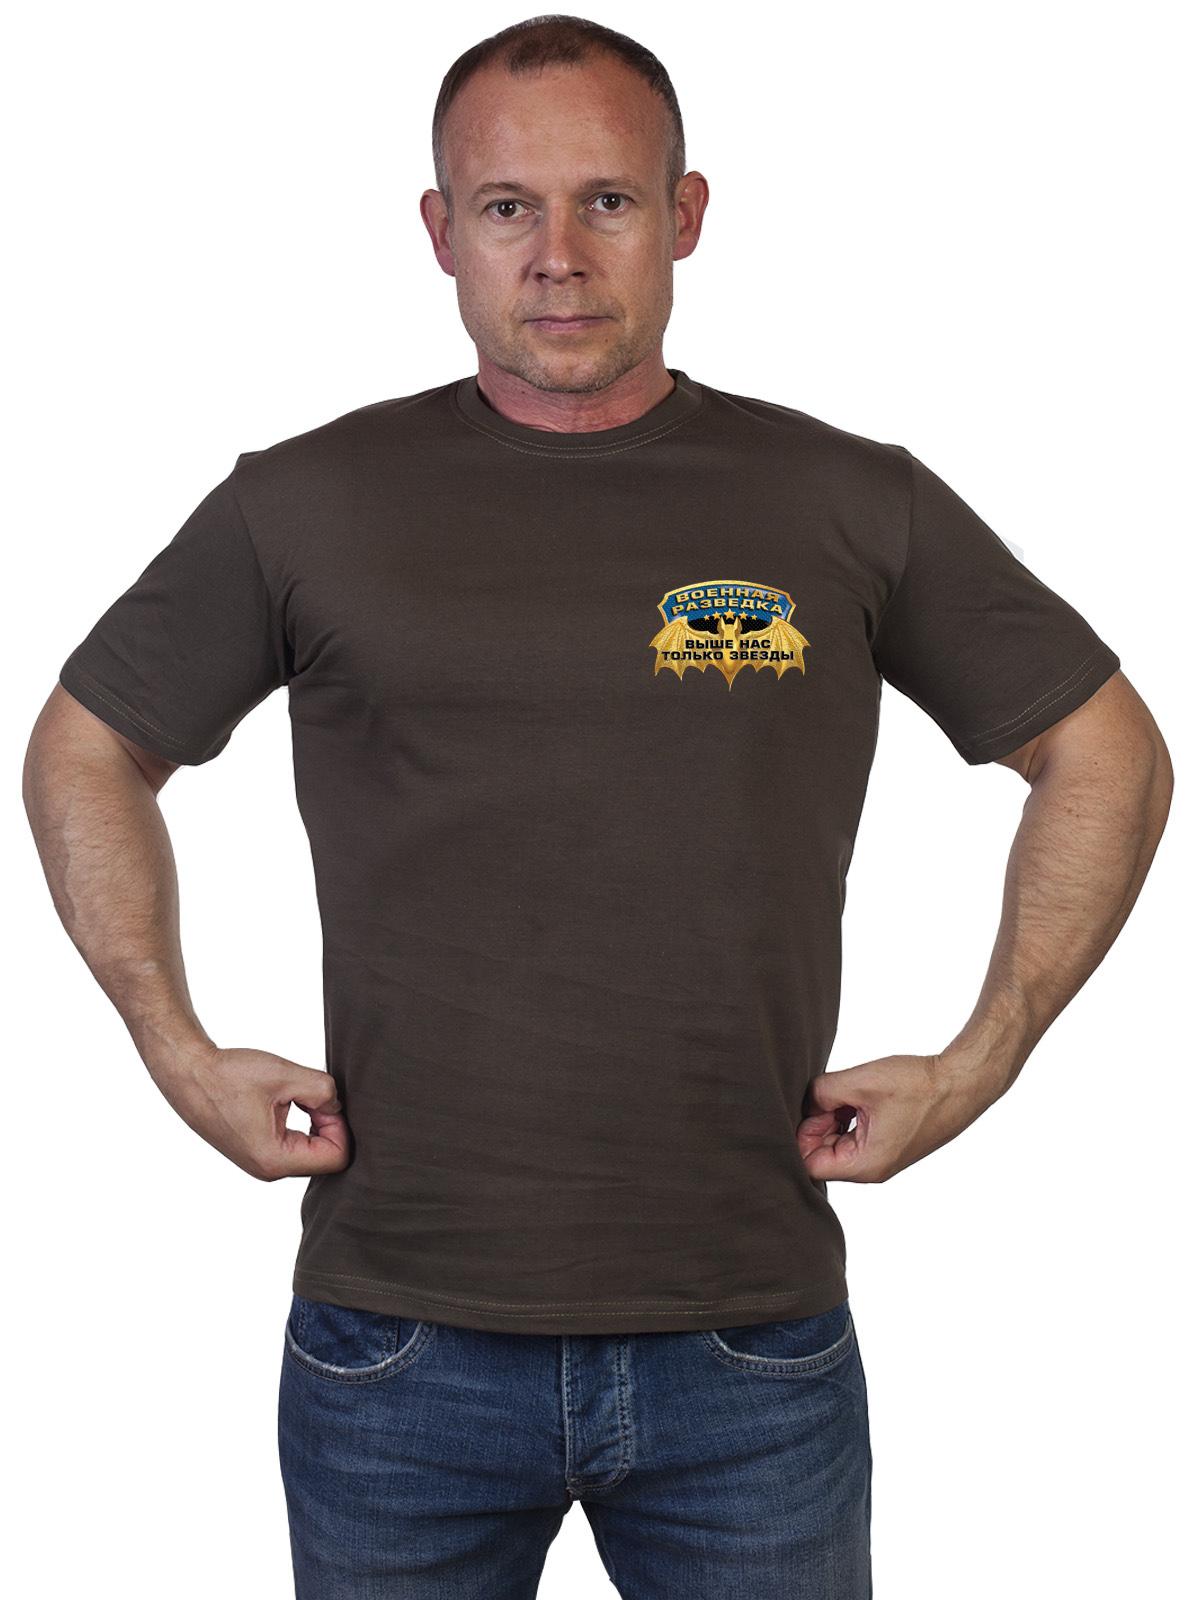 Недорогие однотонные футболки Военной Разведки